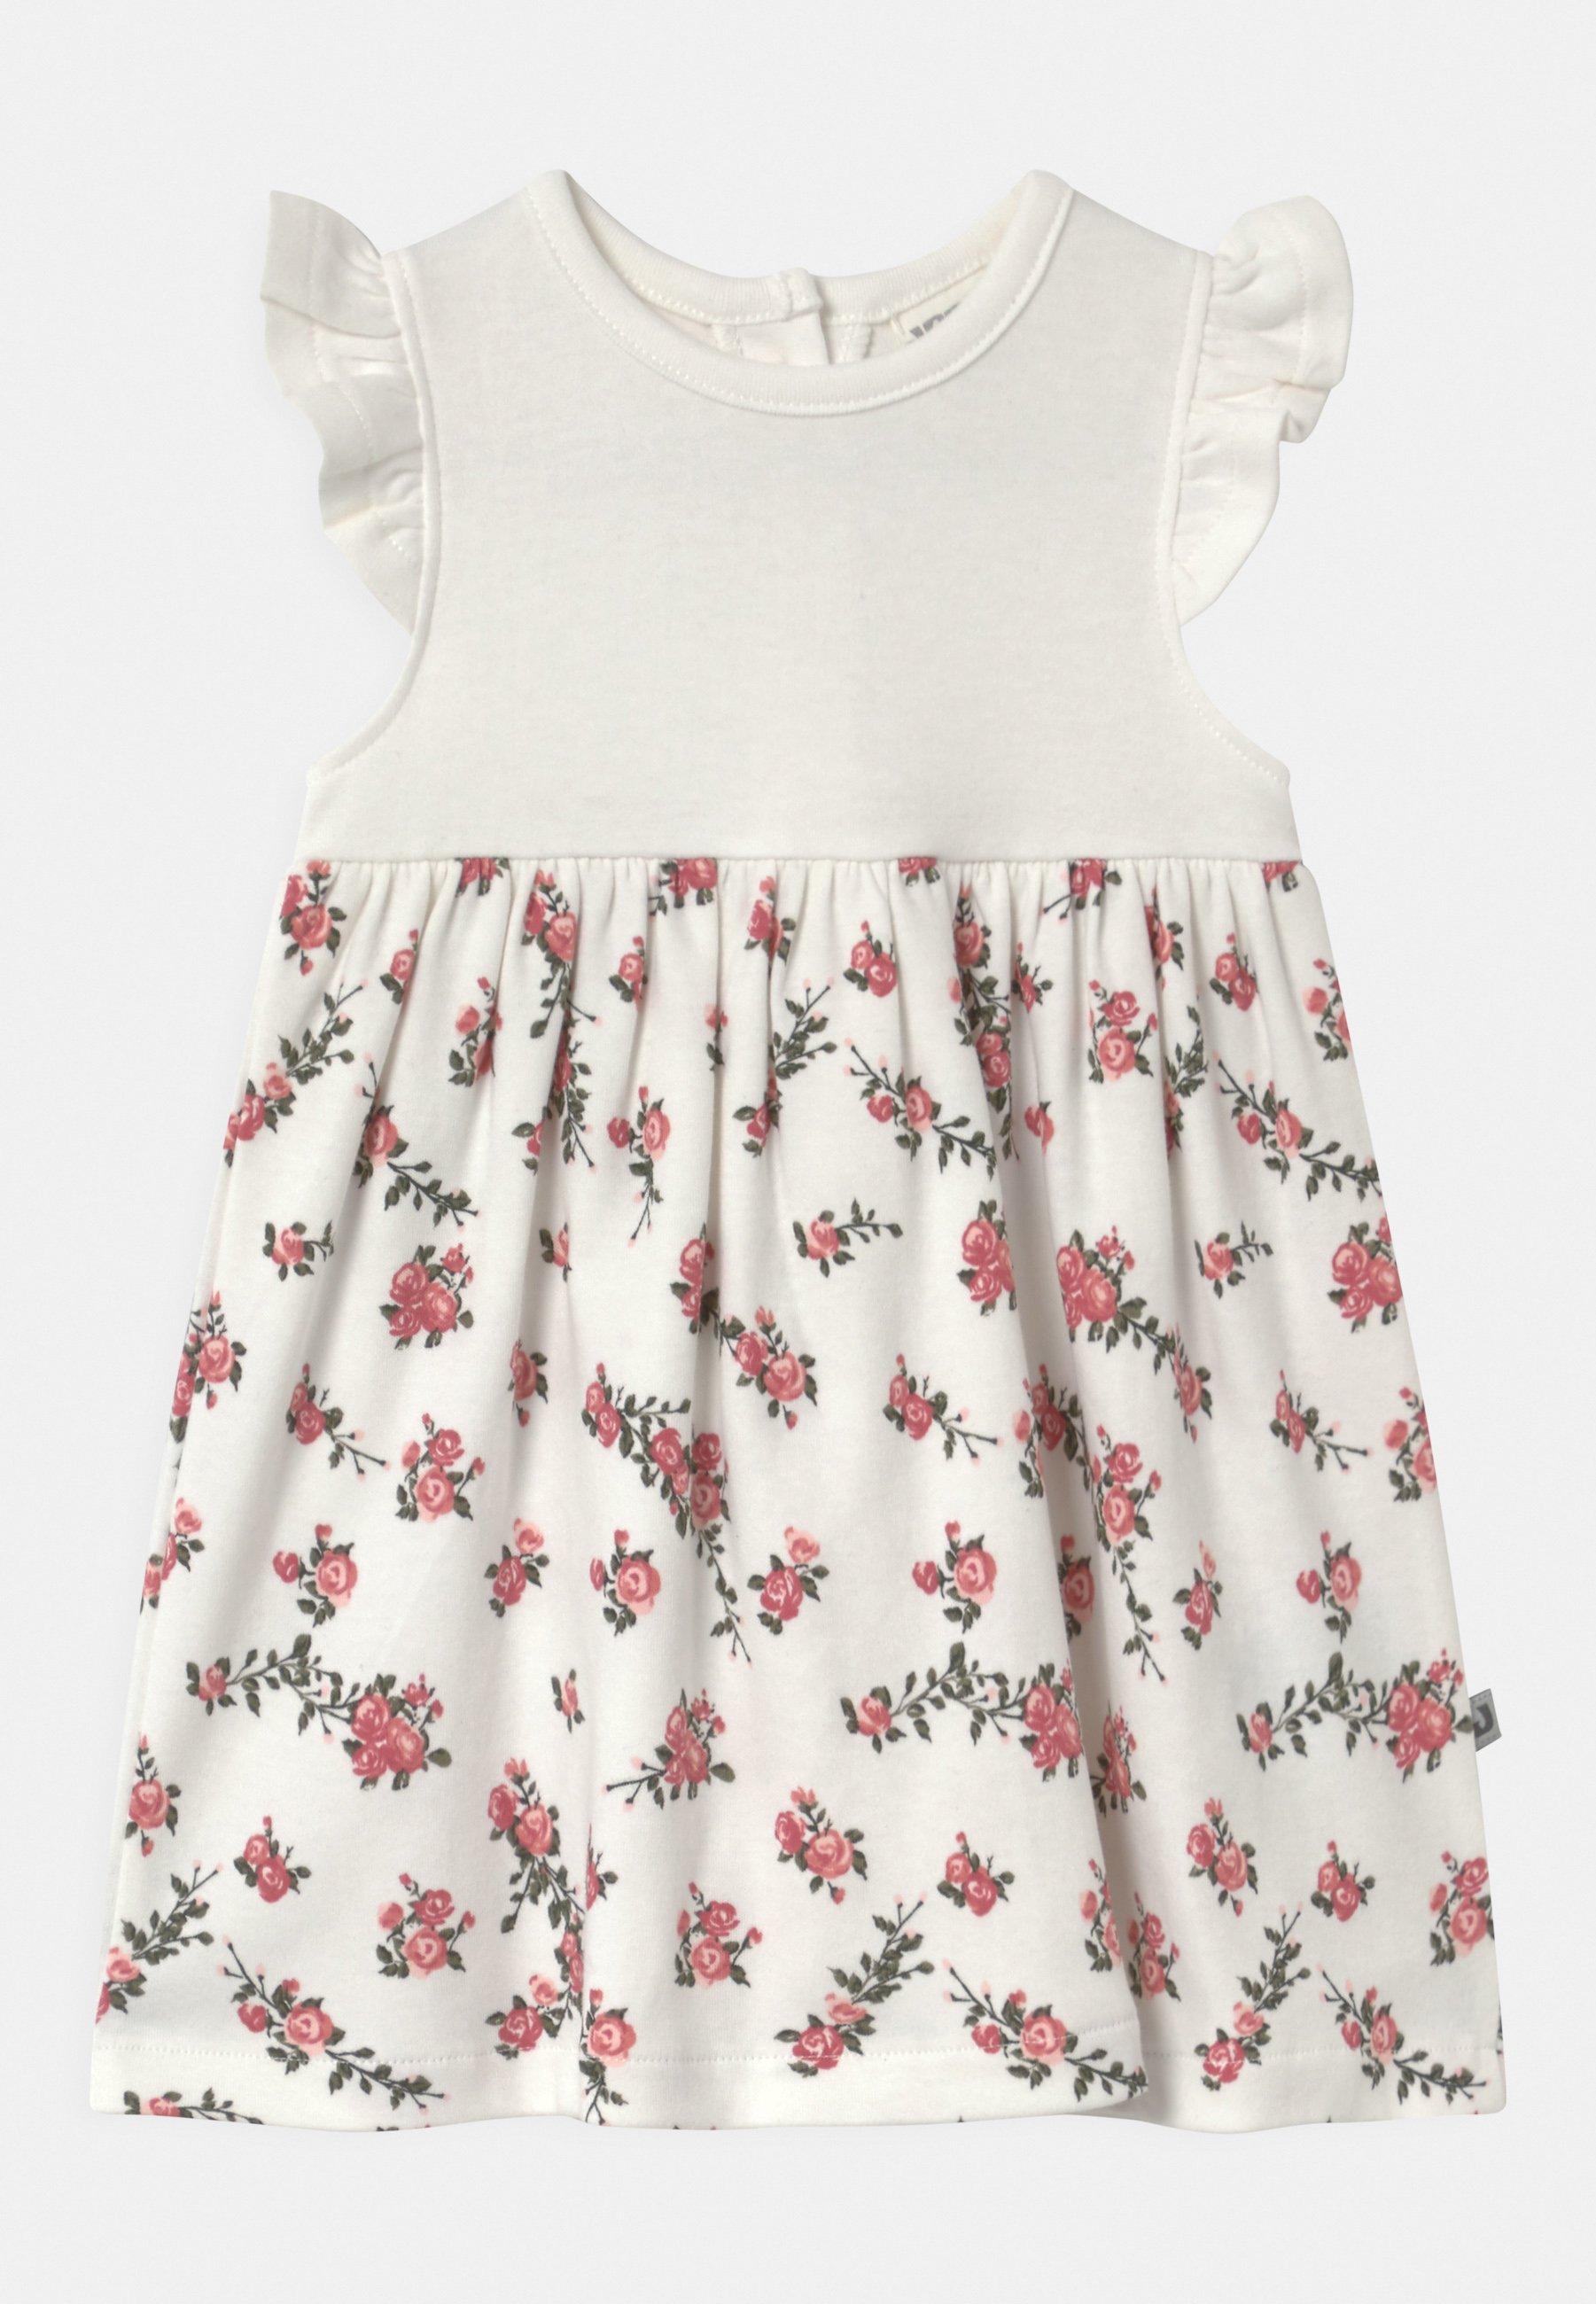 Jacky Baby CLASSIC GIRLS   Jerseykleid   off white/weiß   Zalando.de